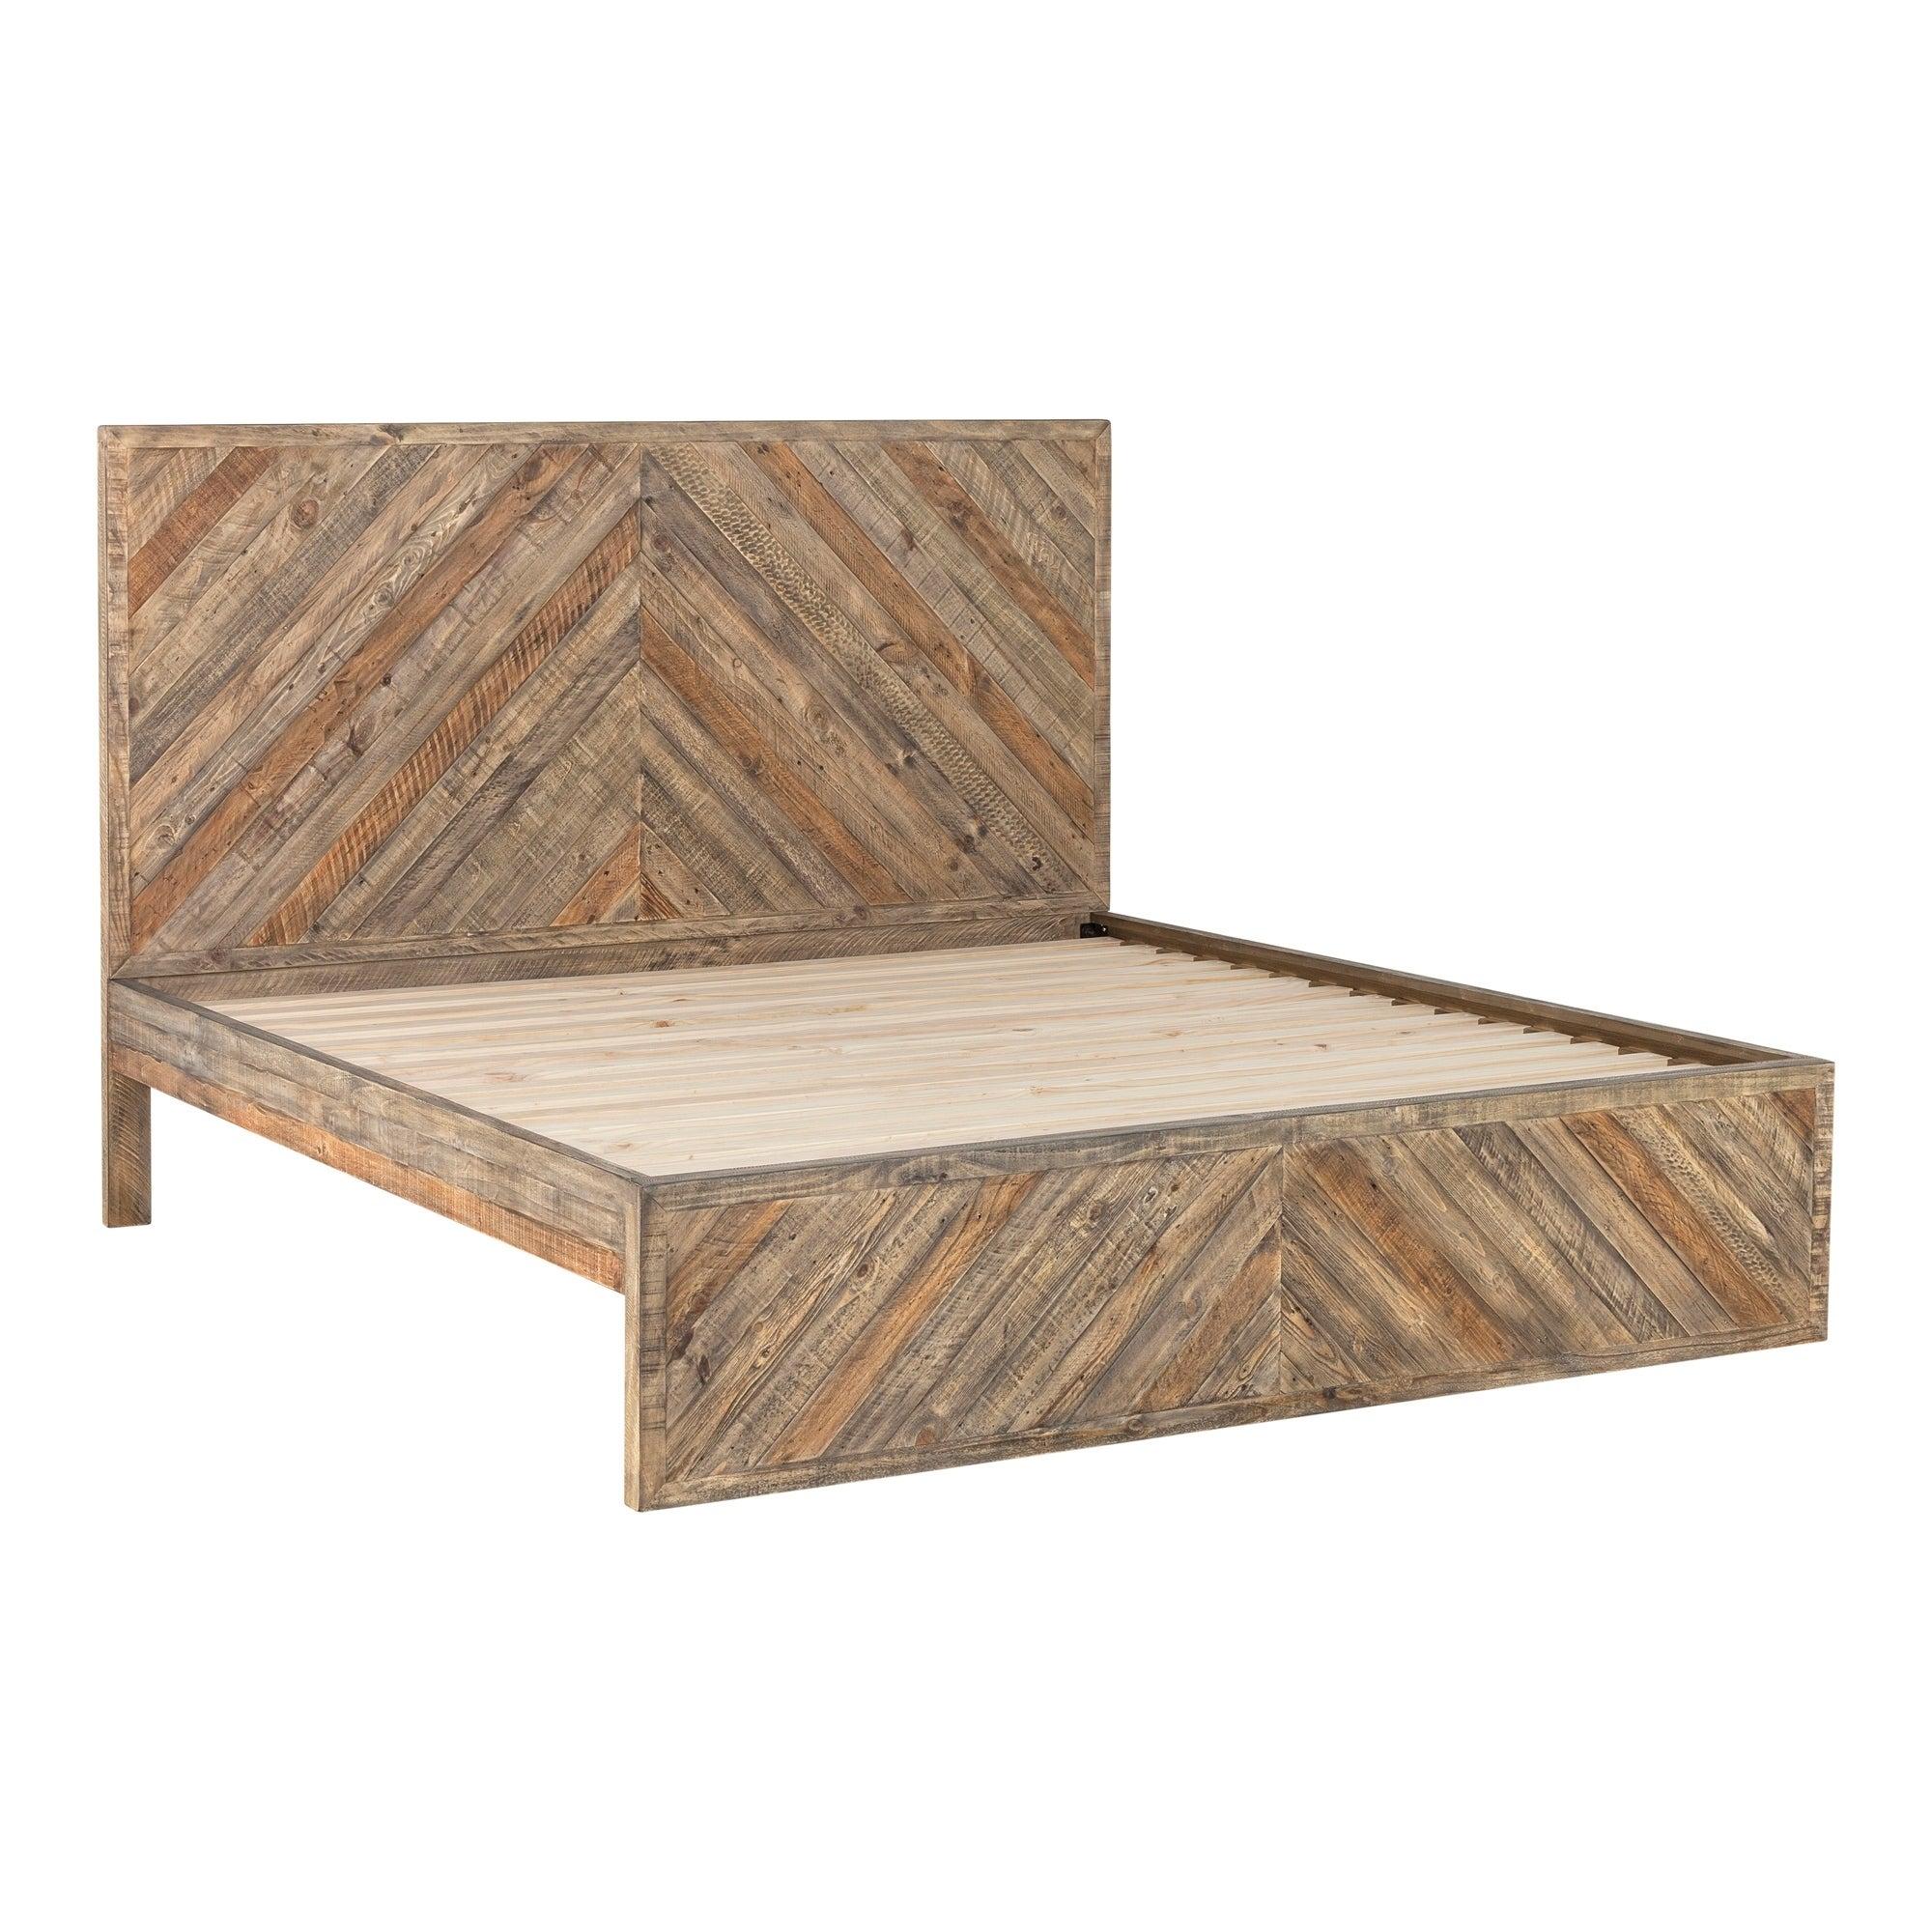 Shop Aurelle Home Temprence Reclaimed Wood Modern Platform Bed